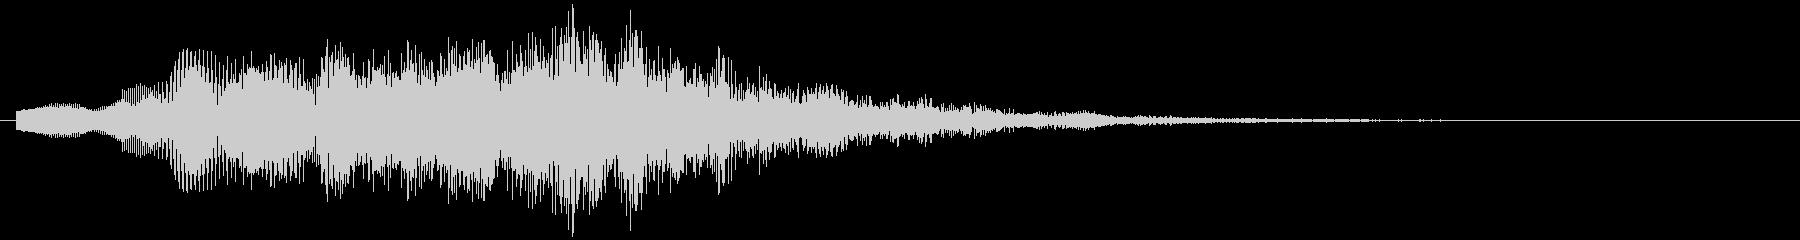 KANT涼しげアイキャッチ09223の未再生の波形